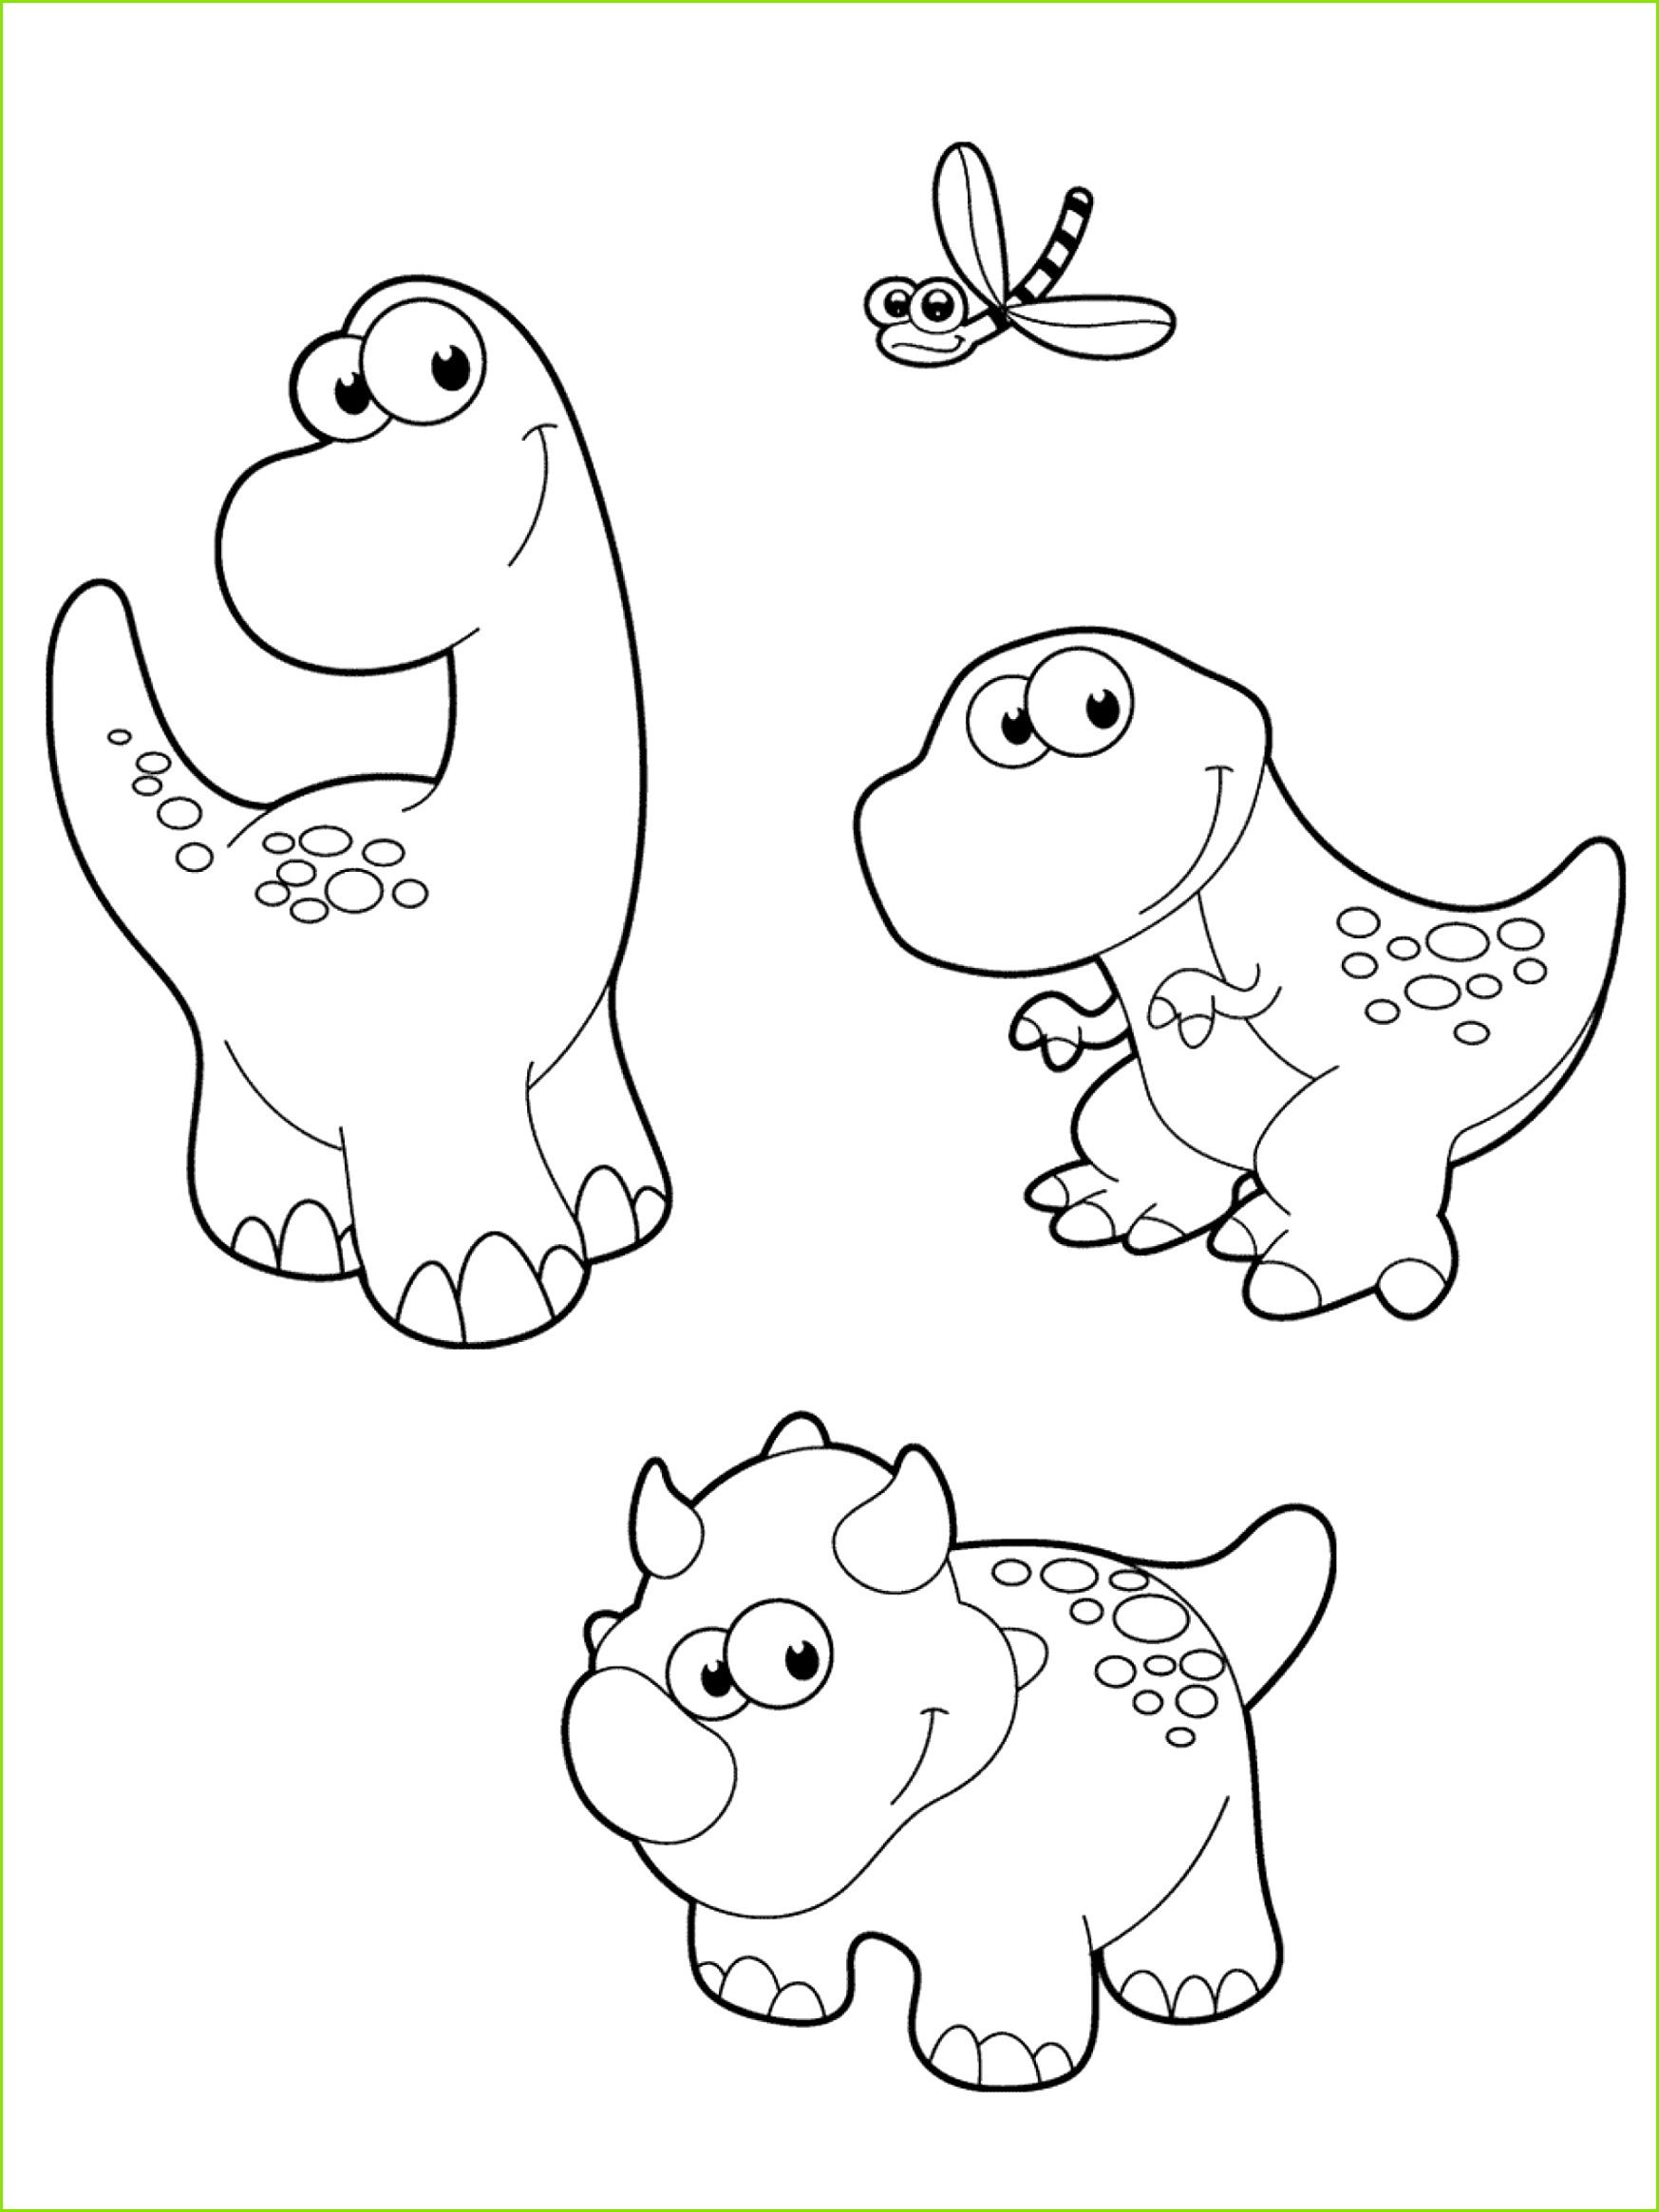 003 Dinosaurier Vorlagen Zum Ausschneiden Neu Schone Malvorlagen Fur Verwandt Mit Dino Vorlage Malbuch Großartig Schöne